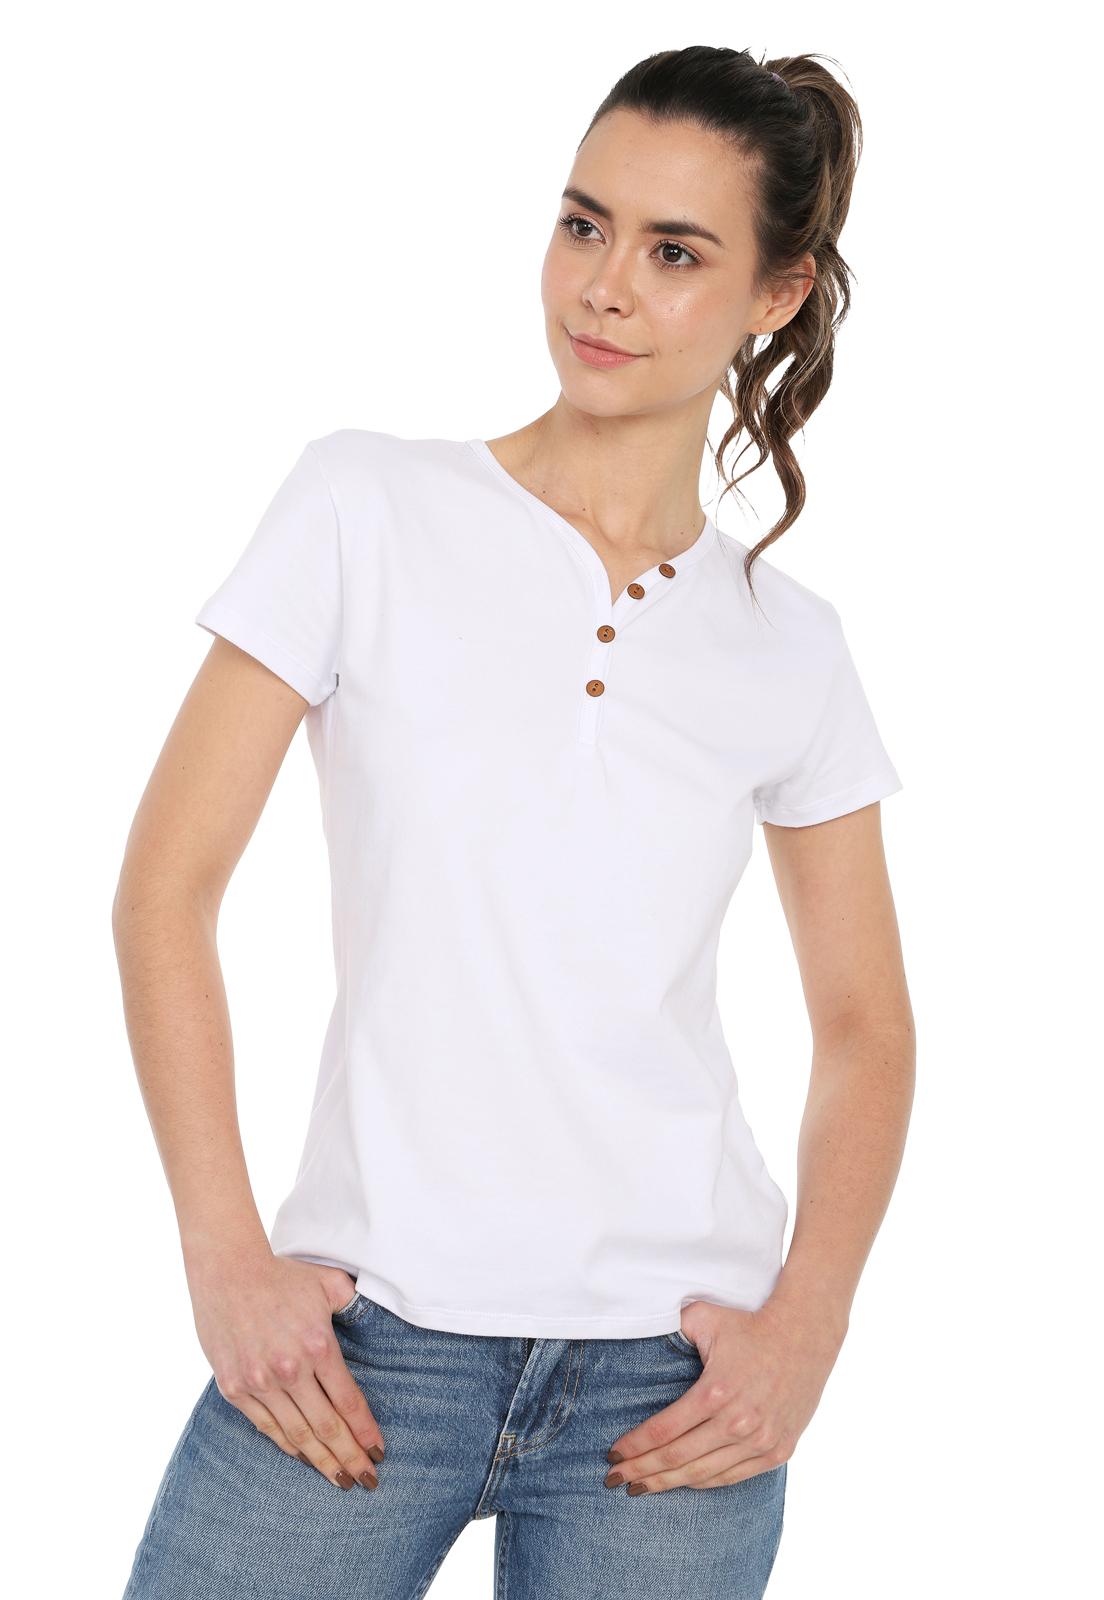 Camiseta Mujer Con Botones Licrada - Blanco | Polovers